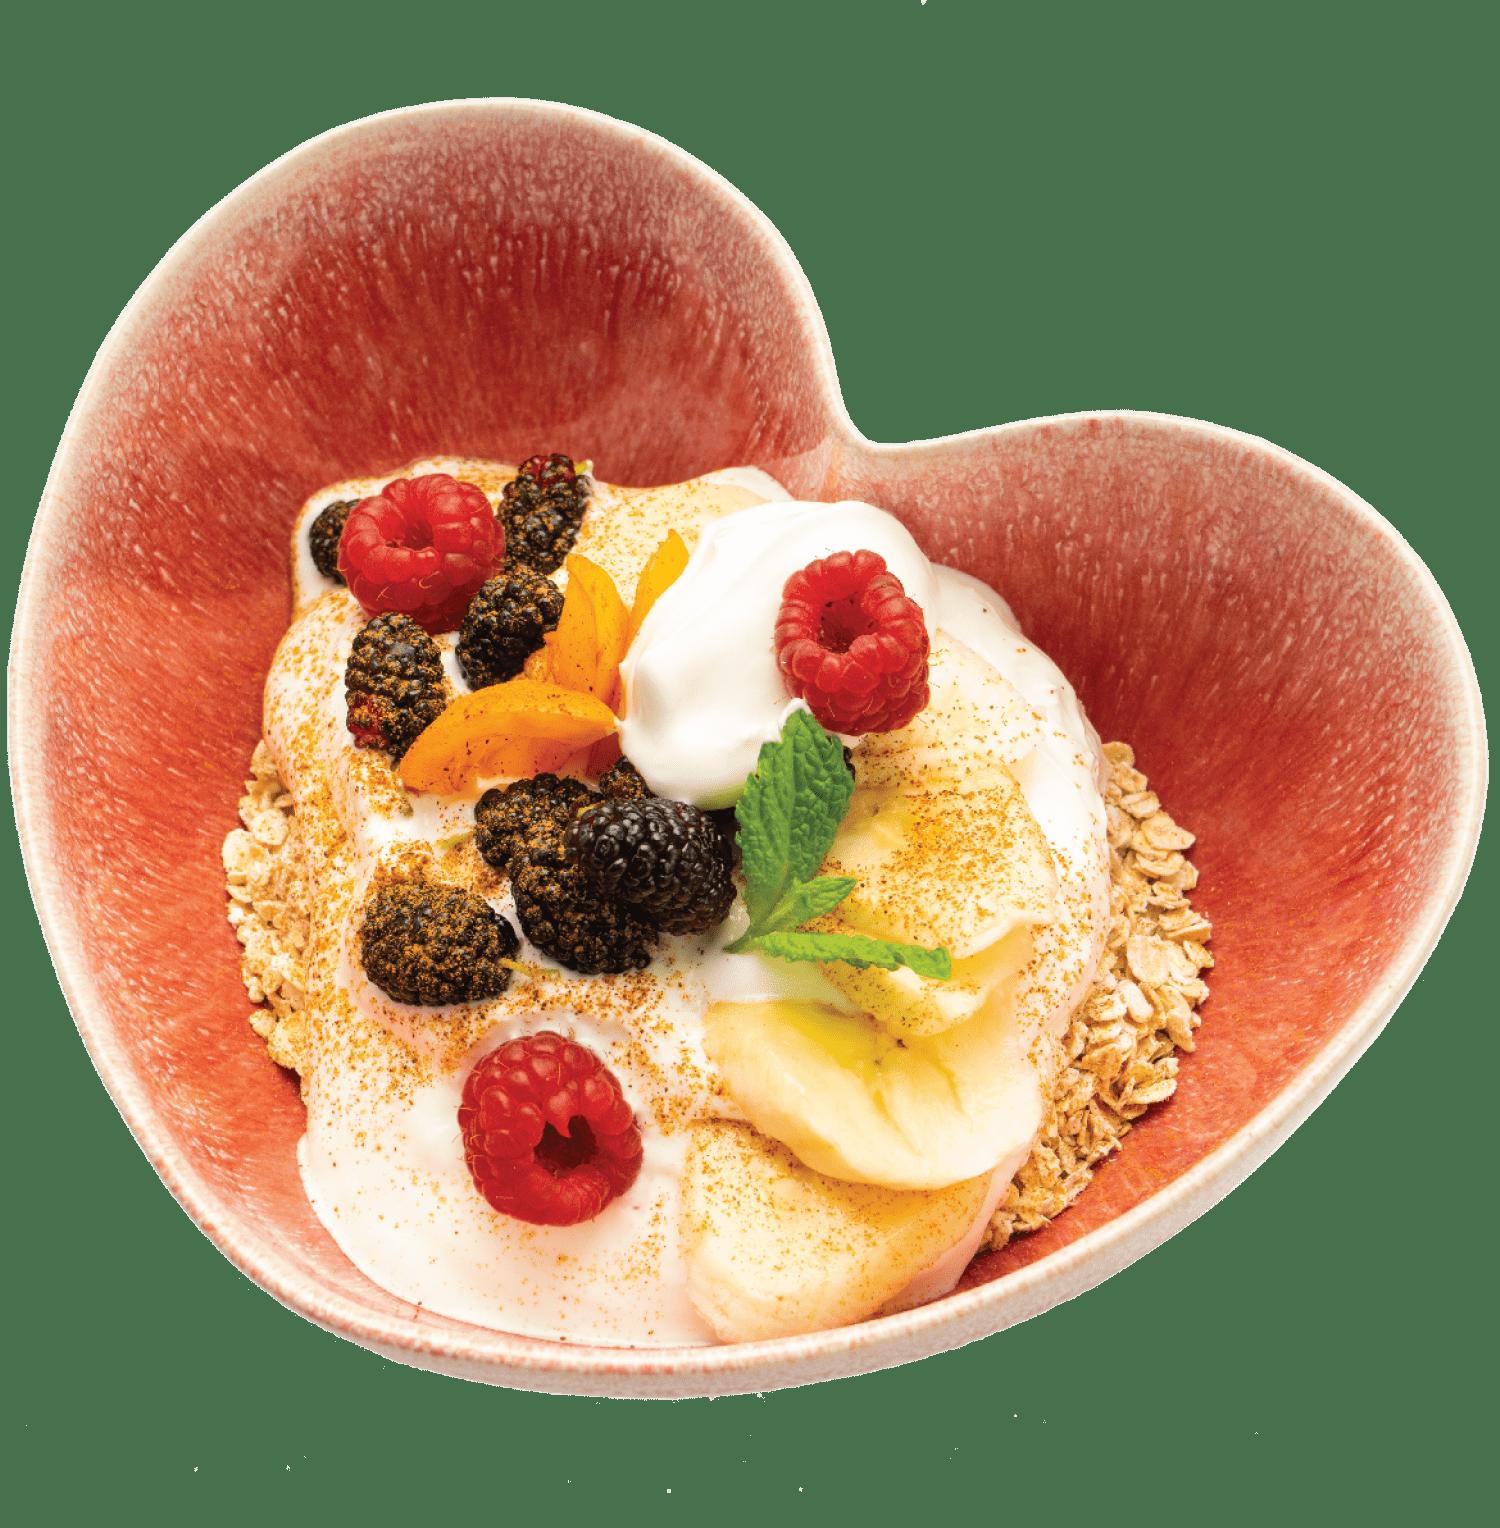 Iogurte caseiro com flocos de aveia e fruta da época